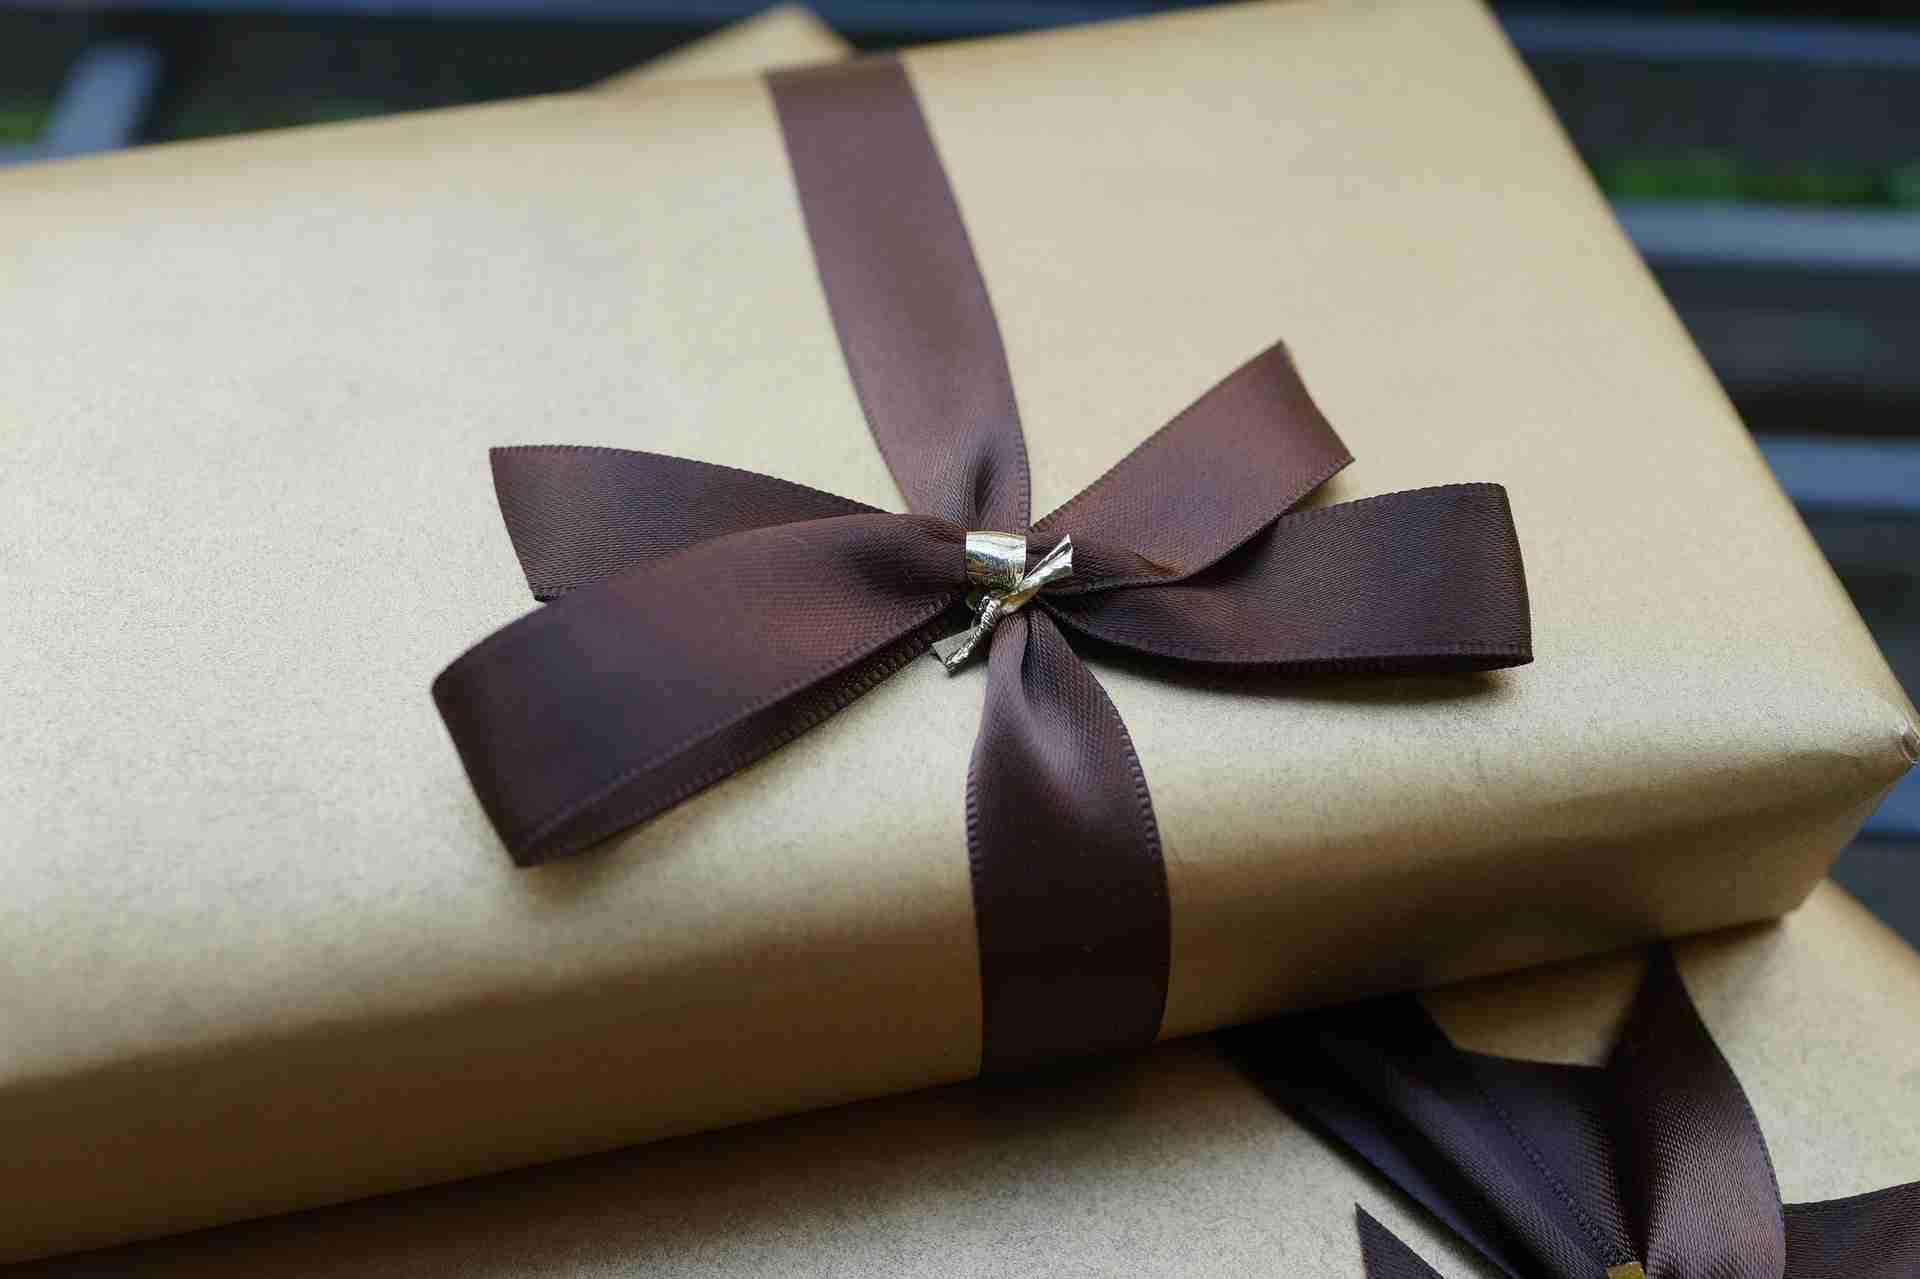 Regali di compleanno: 3 idee regalo per un uomo